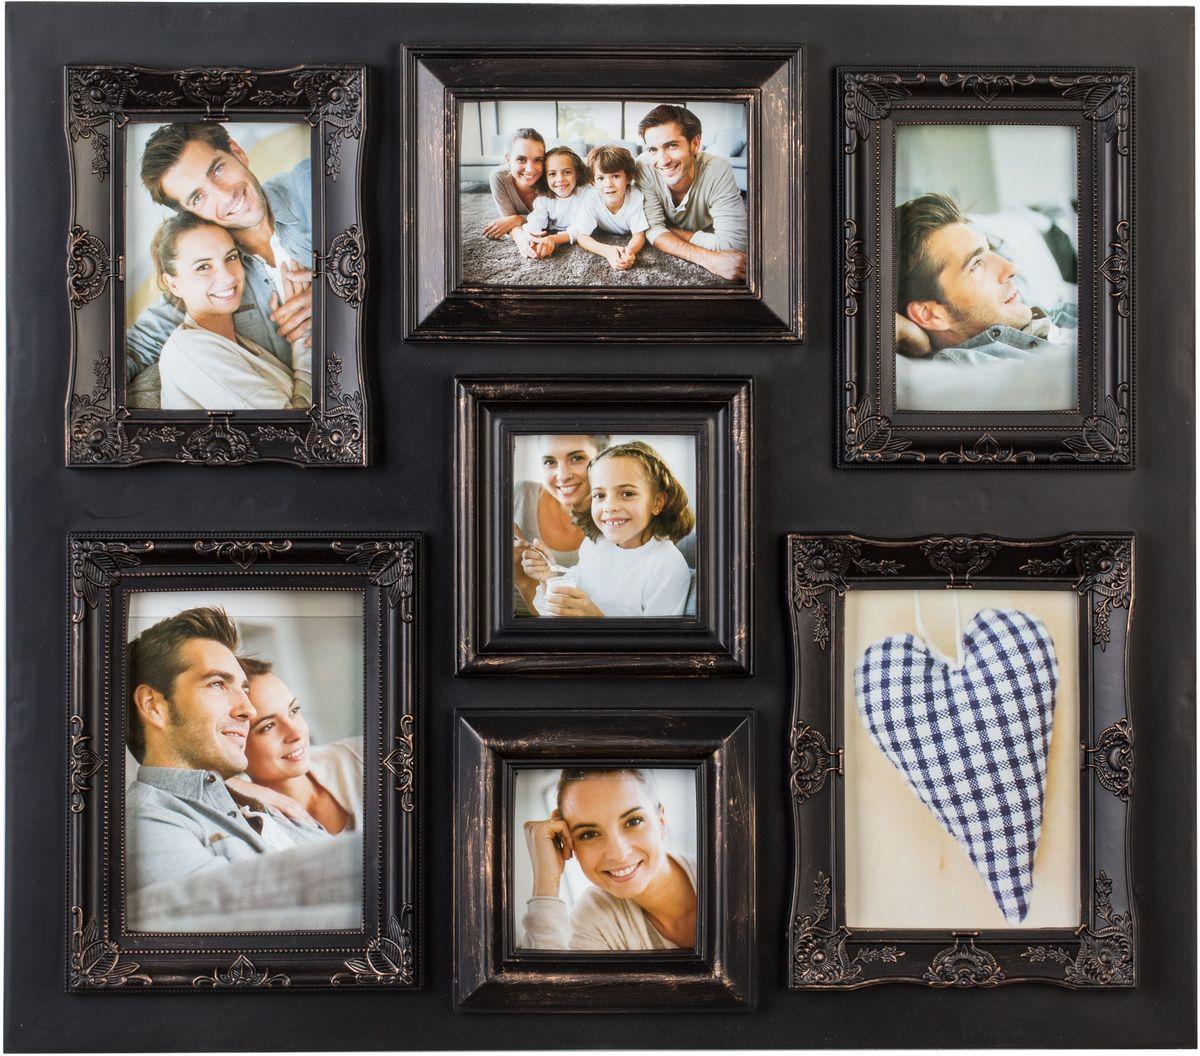 Фоторамка Platinum, цвет: античный коричневый, на 7 фото фоторамка platinum аркола цвет коричневый 15 x 21 см